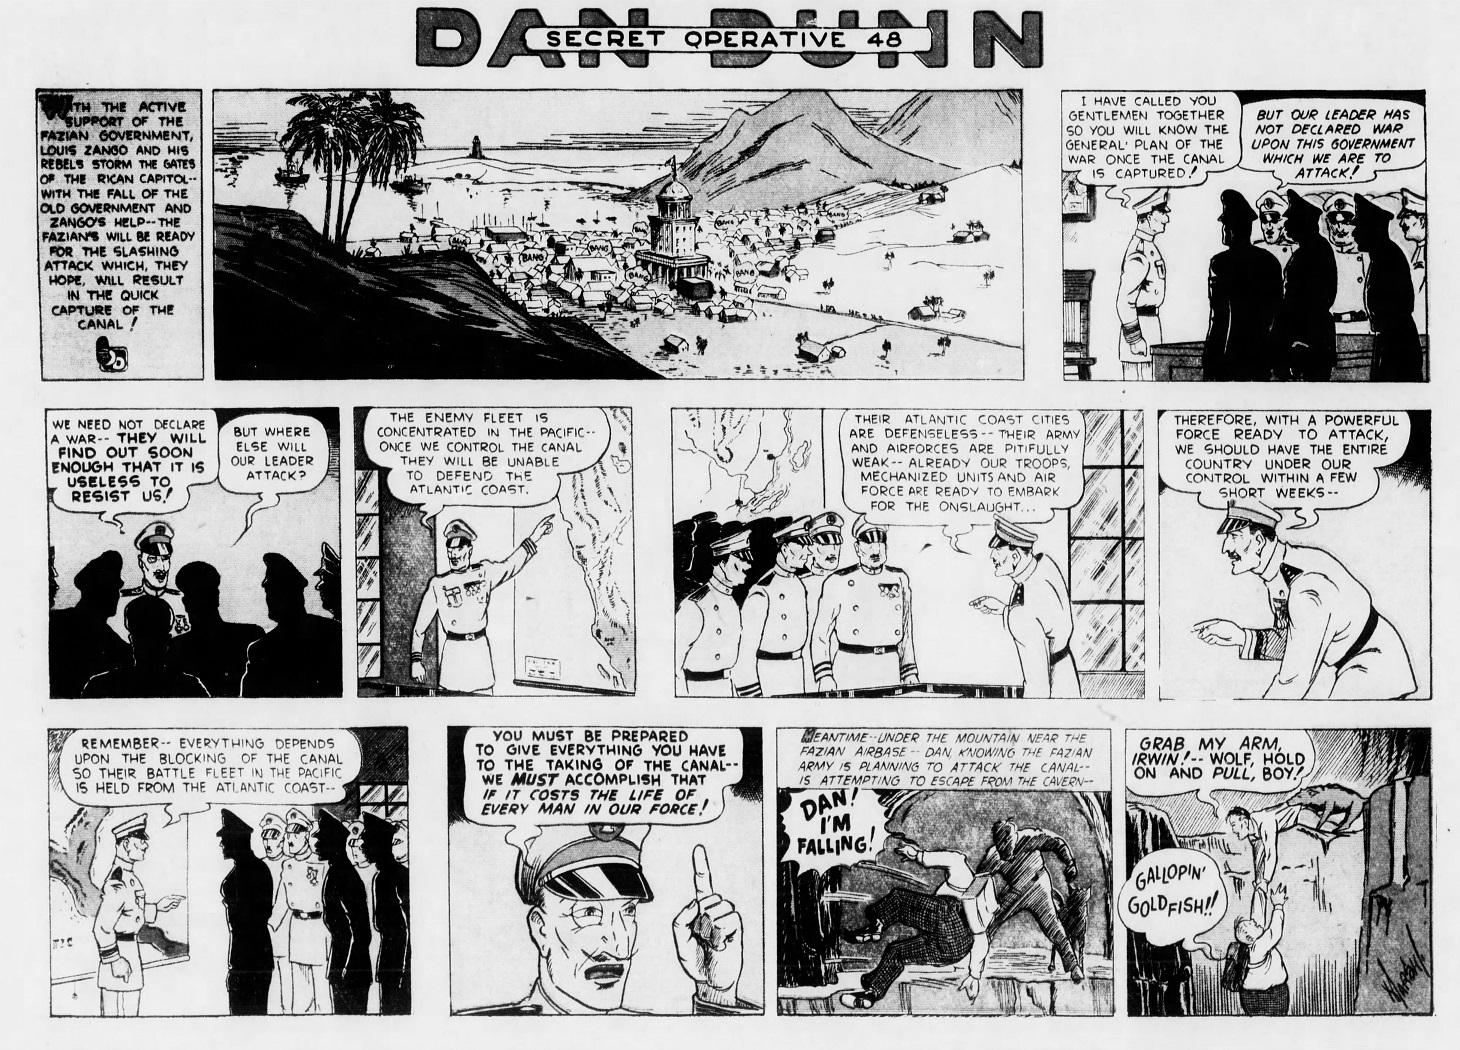 The_Brooklyn_Daily_Eagle_Sun__Sep_29__1940_(8).jpg